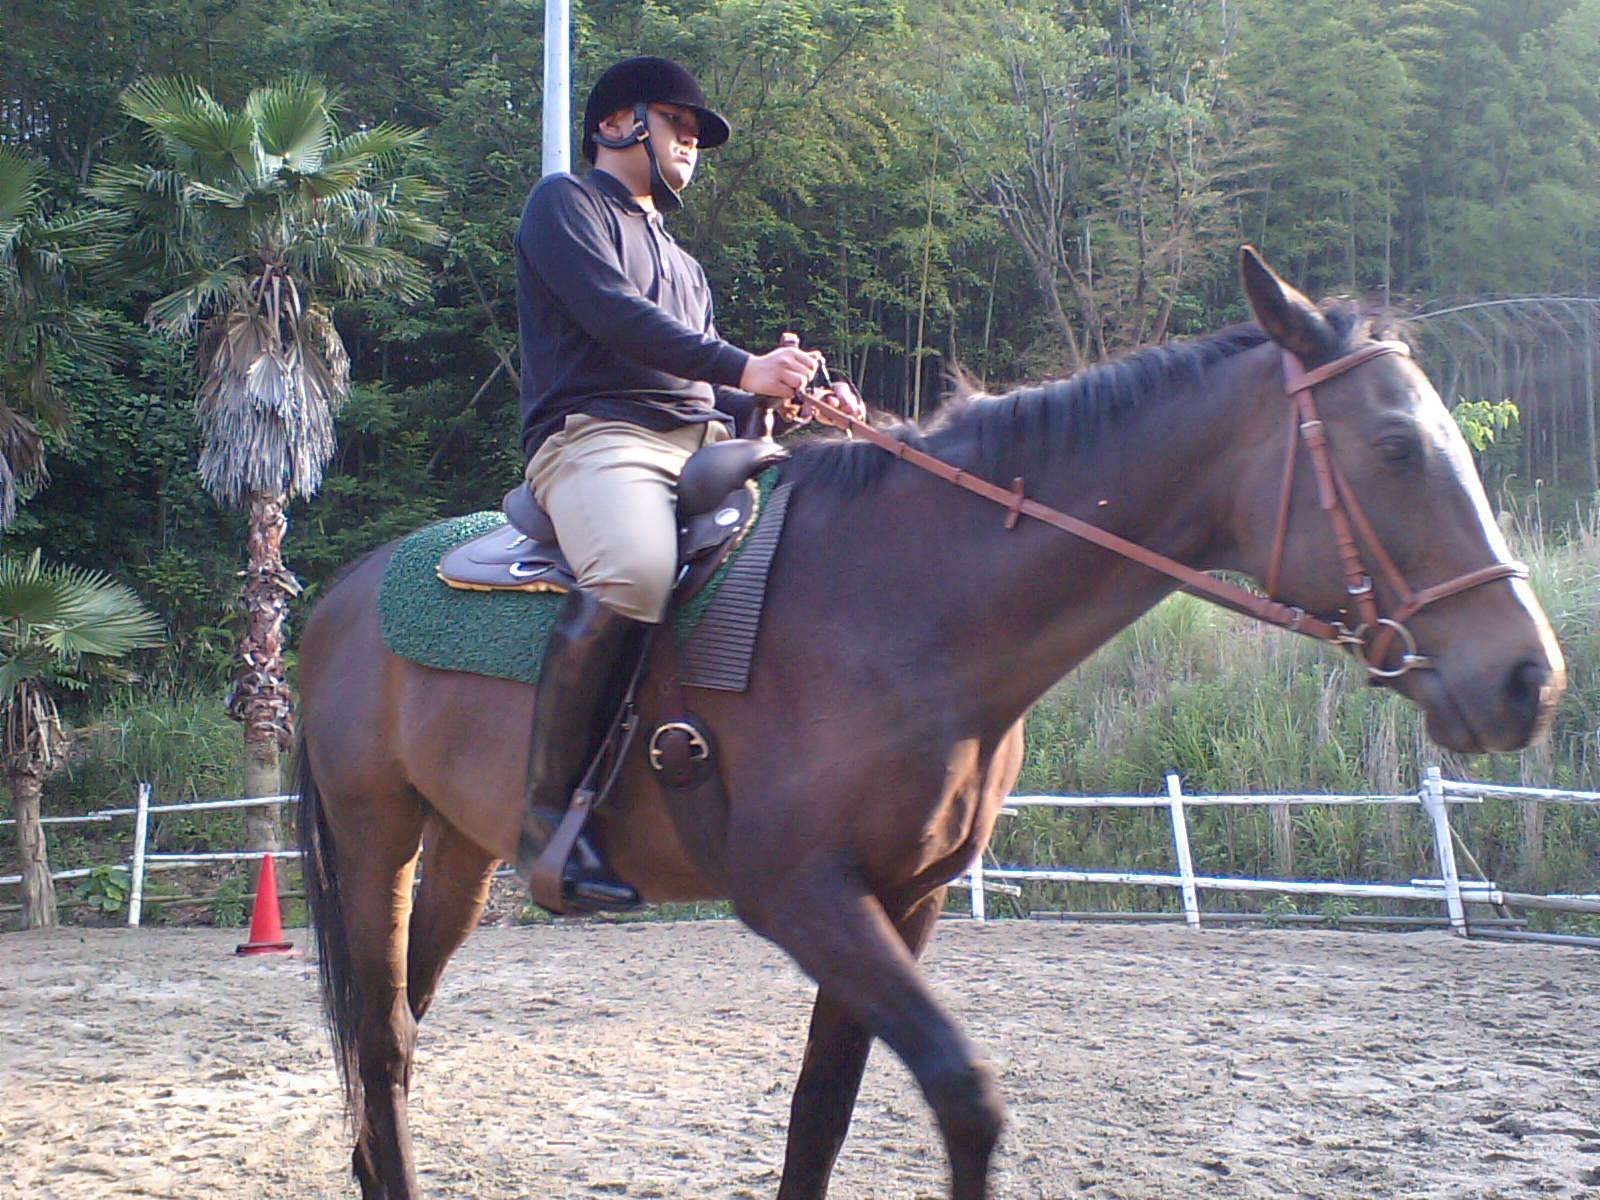 集中して馬に乗る